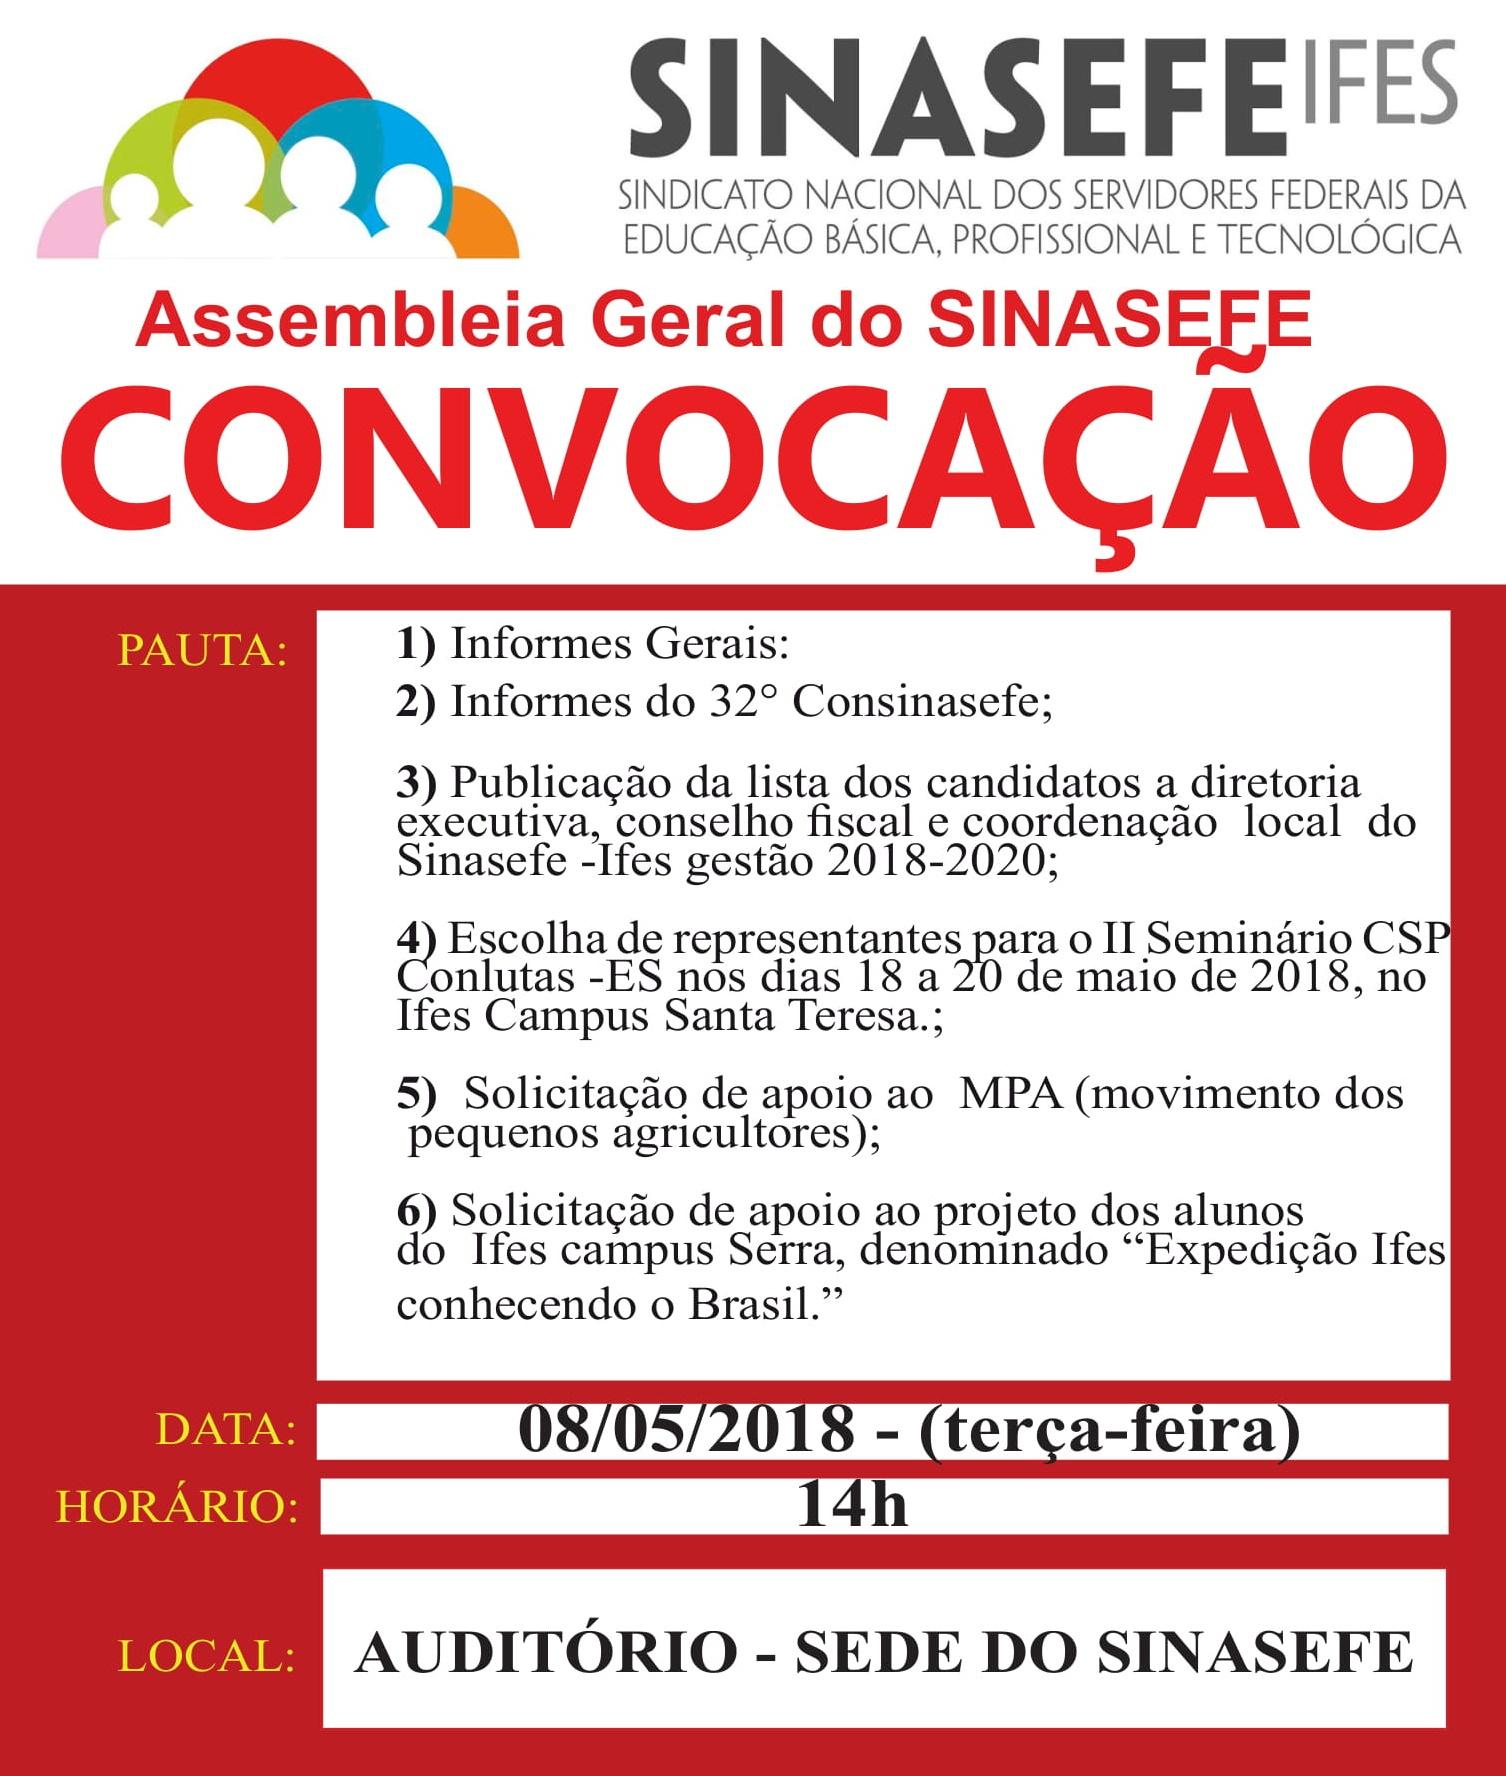 Sinasefe Seção Ifes realiza assembleia geral nesta terça-feira, 08, às 14 horas